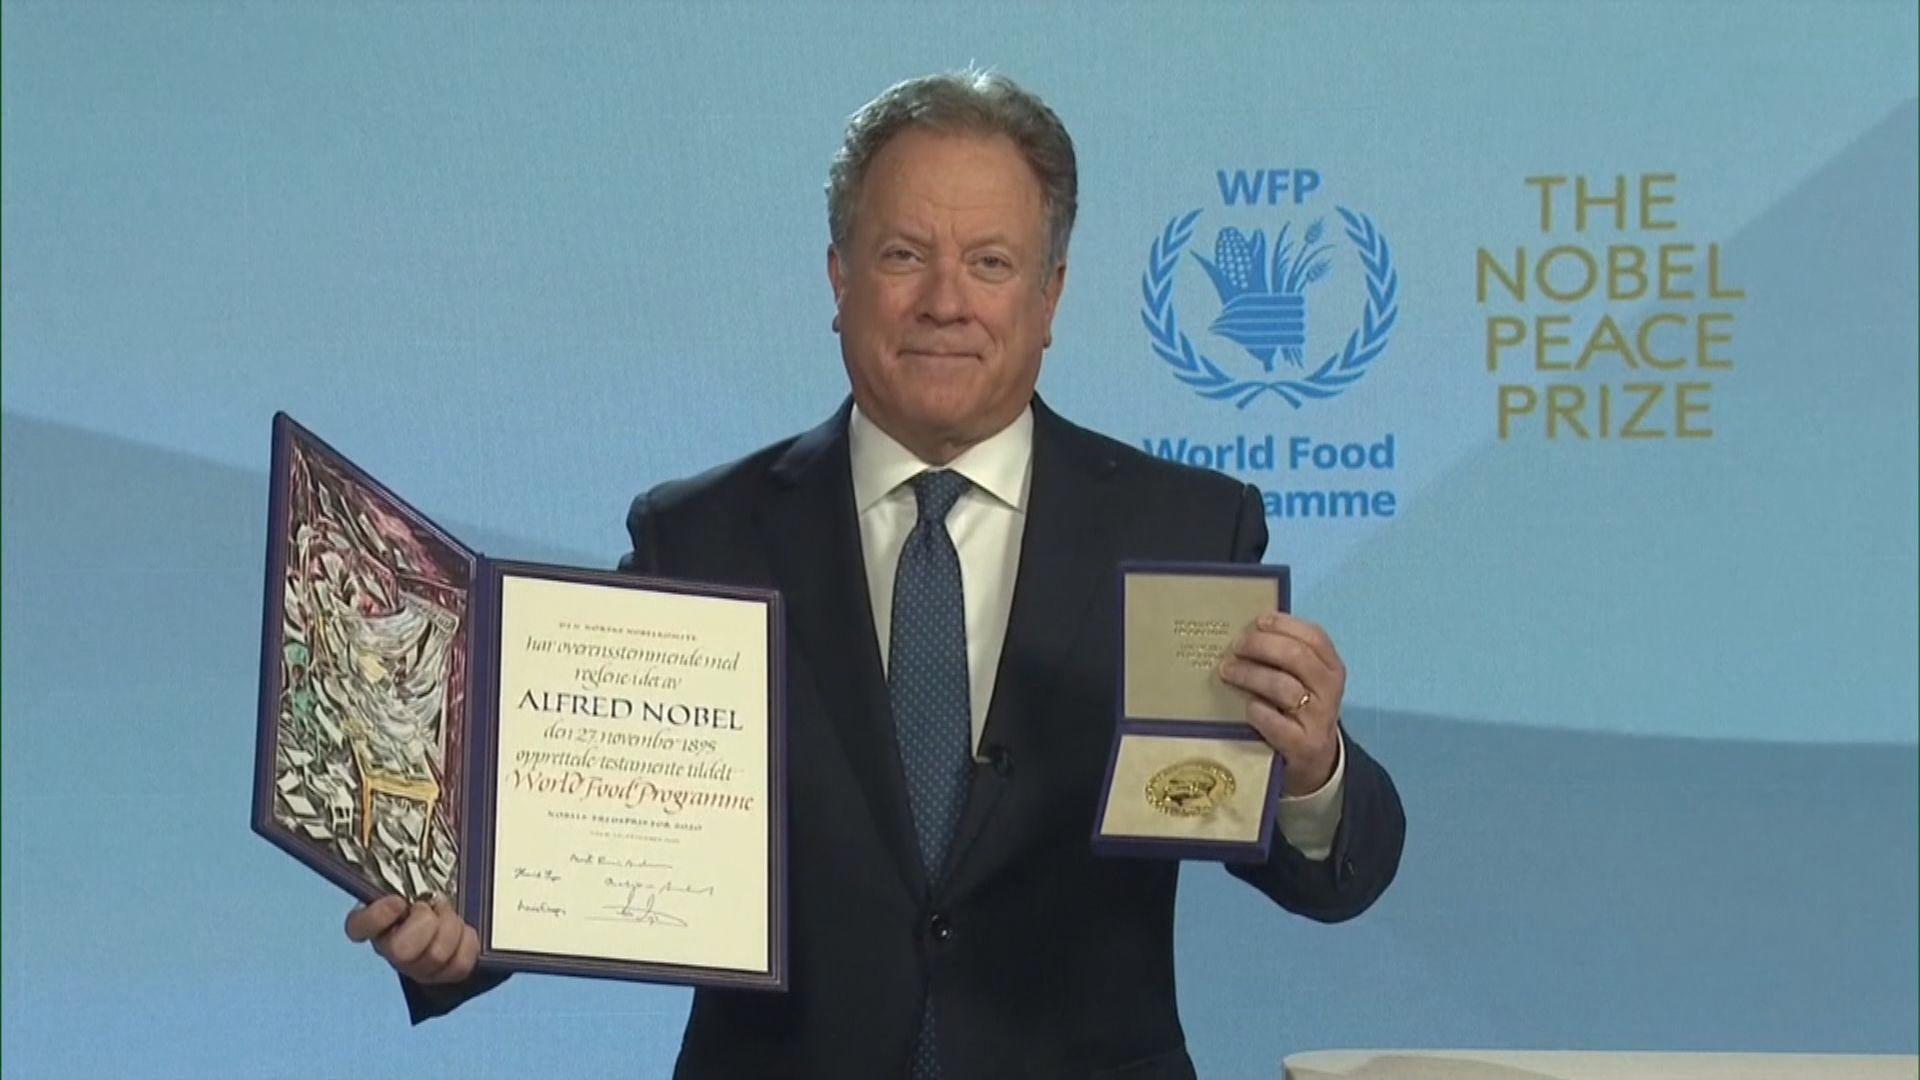 因應新冠病毒疫情 諾貝爾頒獎禮以網上形式舉行